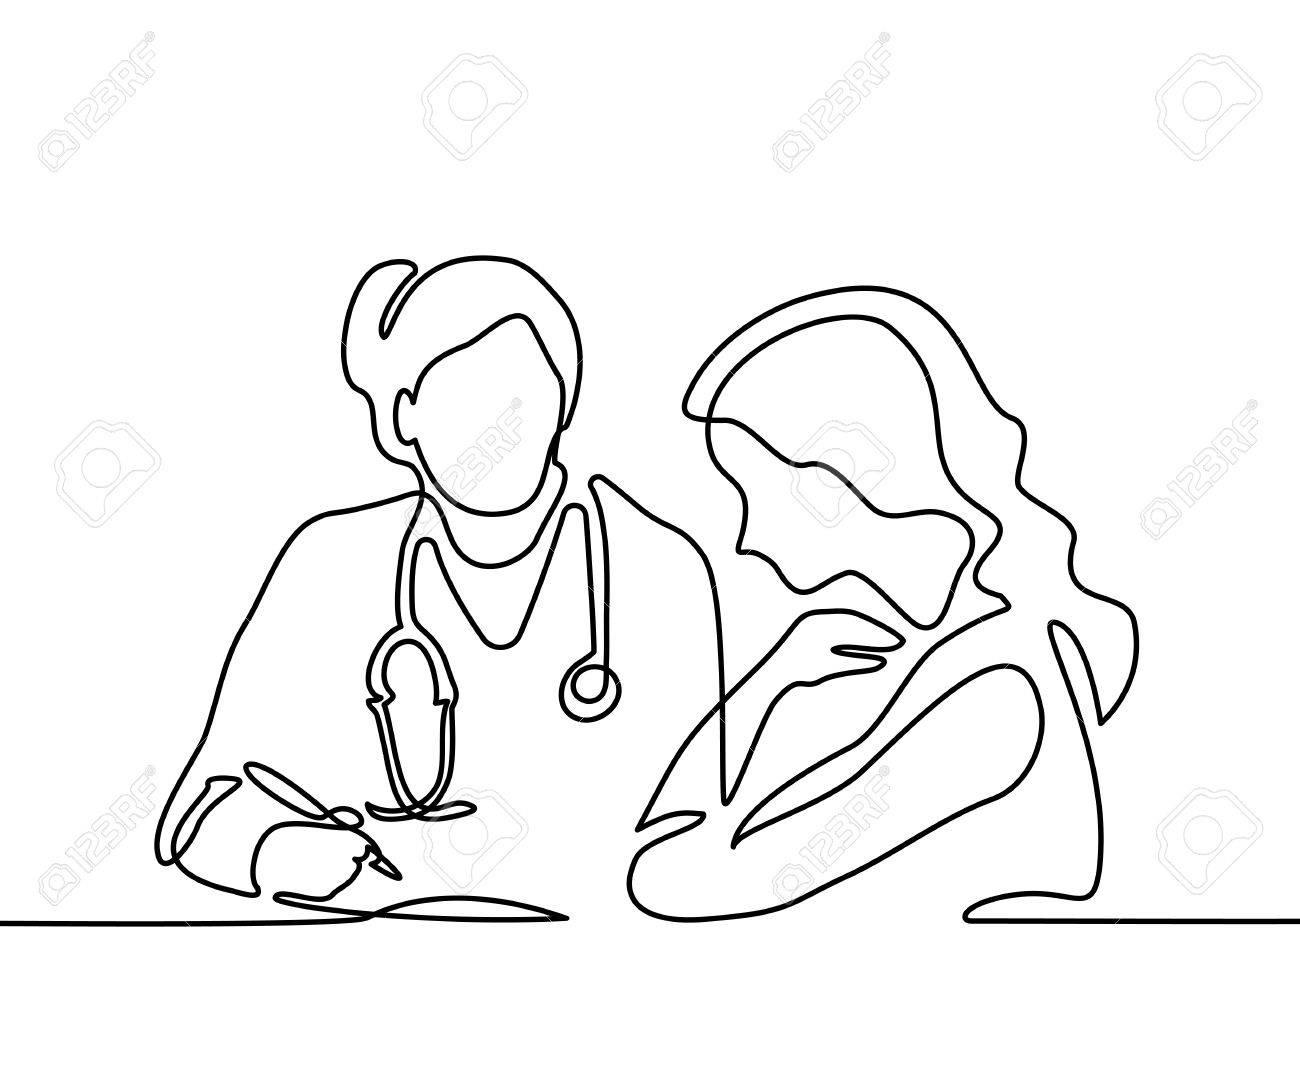 Docteur Avec Stéthoscope Prescrire Une Ligne De Chat . Dessin Animé .  Vector Illustration Sur Fond Blanc intérieur Dessin Stéthoscope